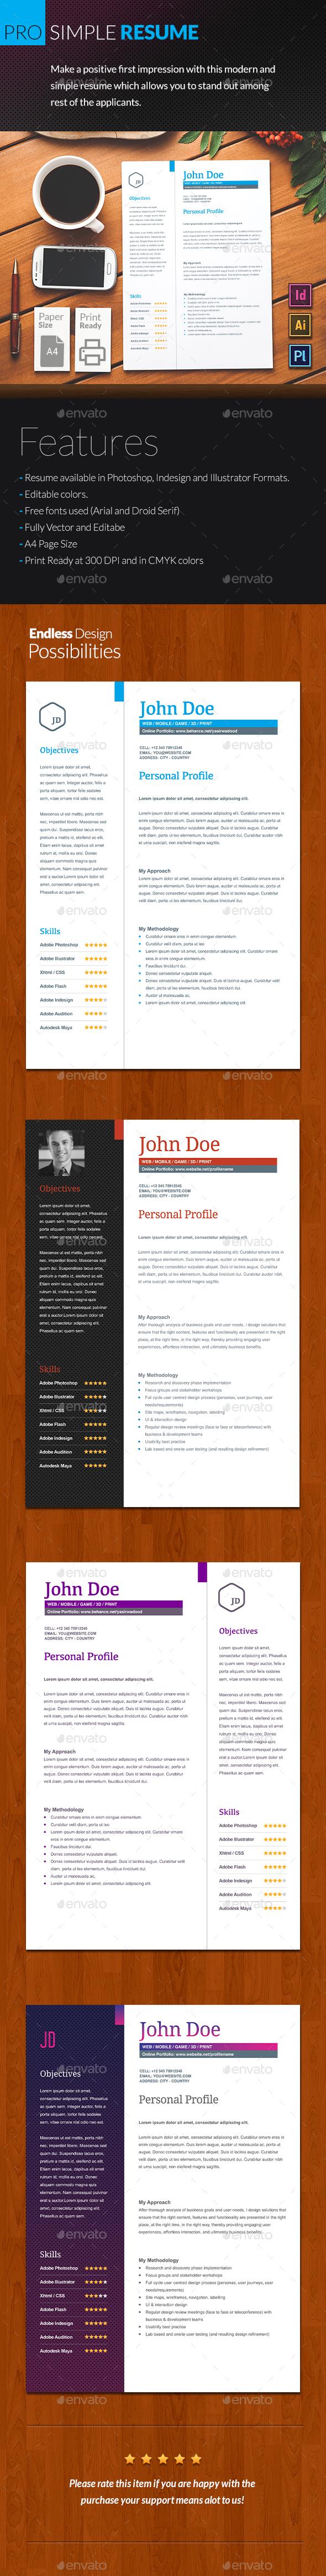 Pro Simple Resume 2 Piece